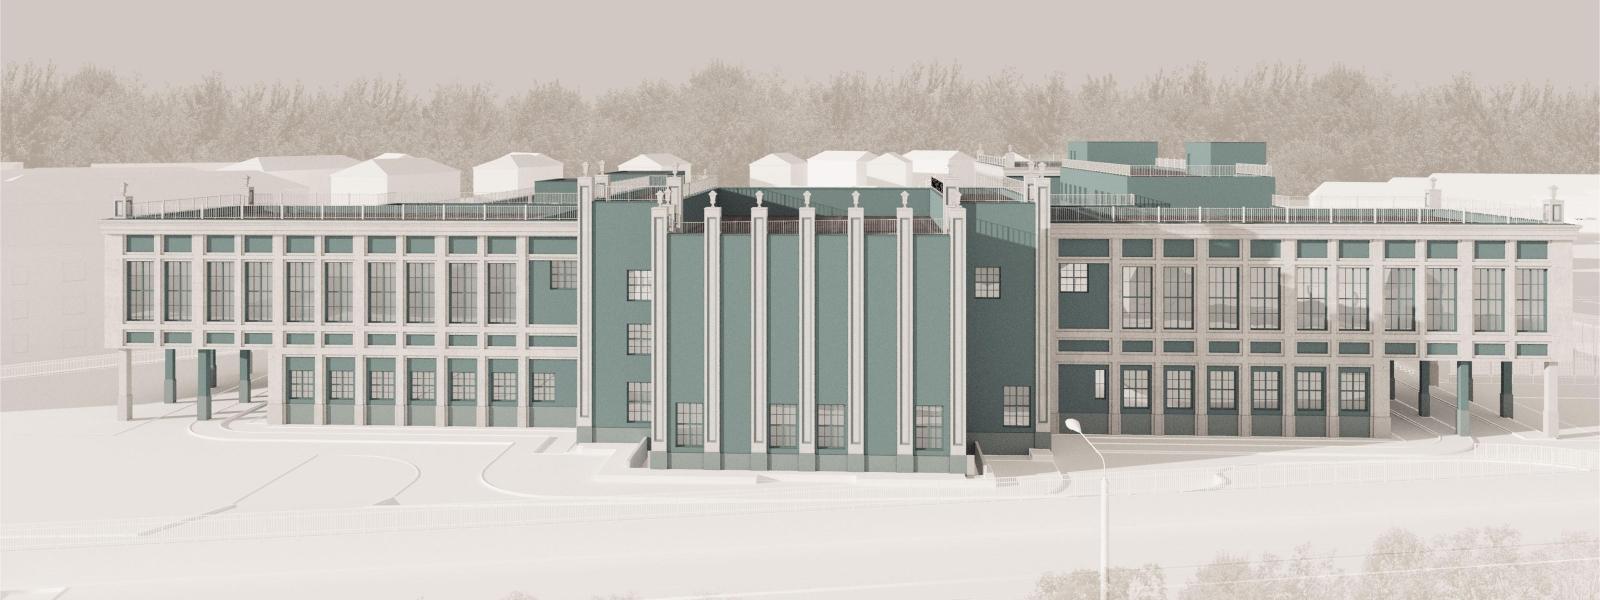 """work-""""Egor"""" Проект фасада здания гимназии №3 по ул. Детский проезд 10, в Советском районе Новосибирска (Академгородок)"""